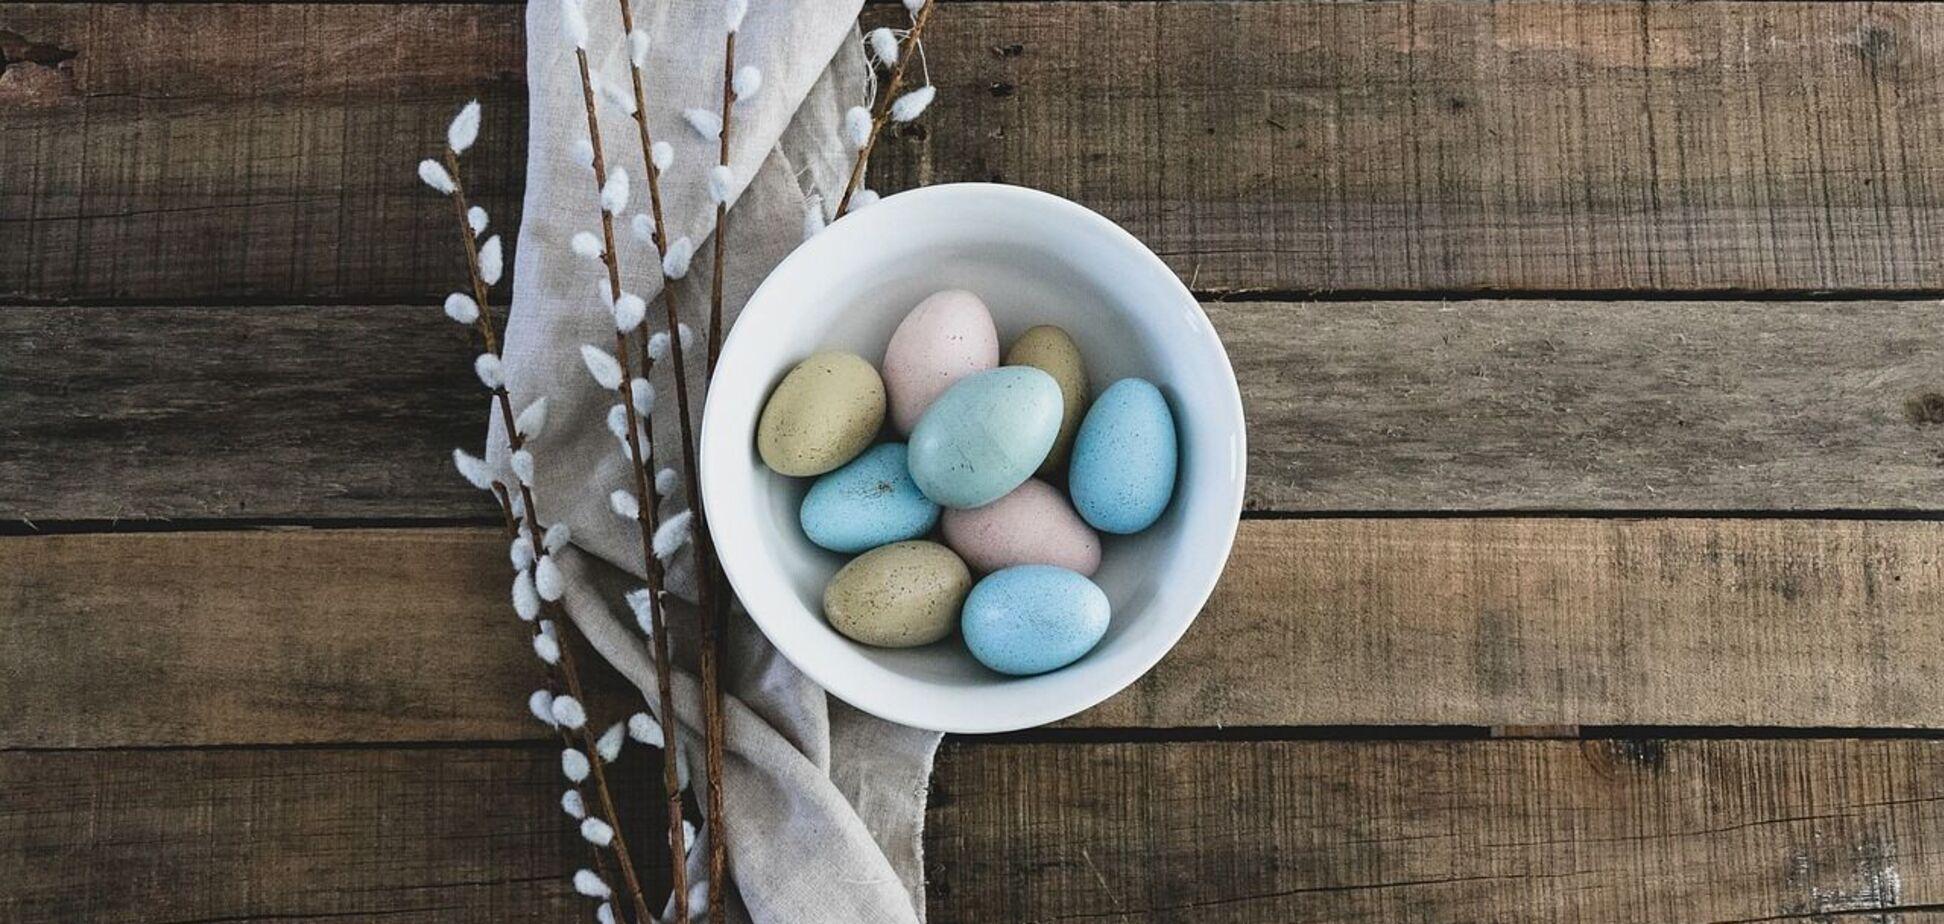 Як швидко приготувати яйця в духовці